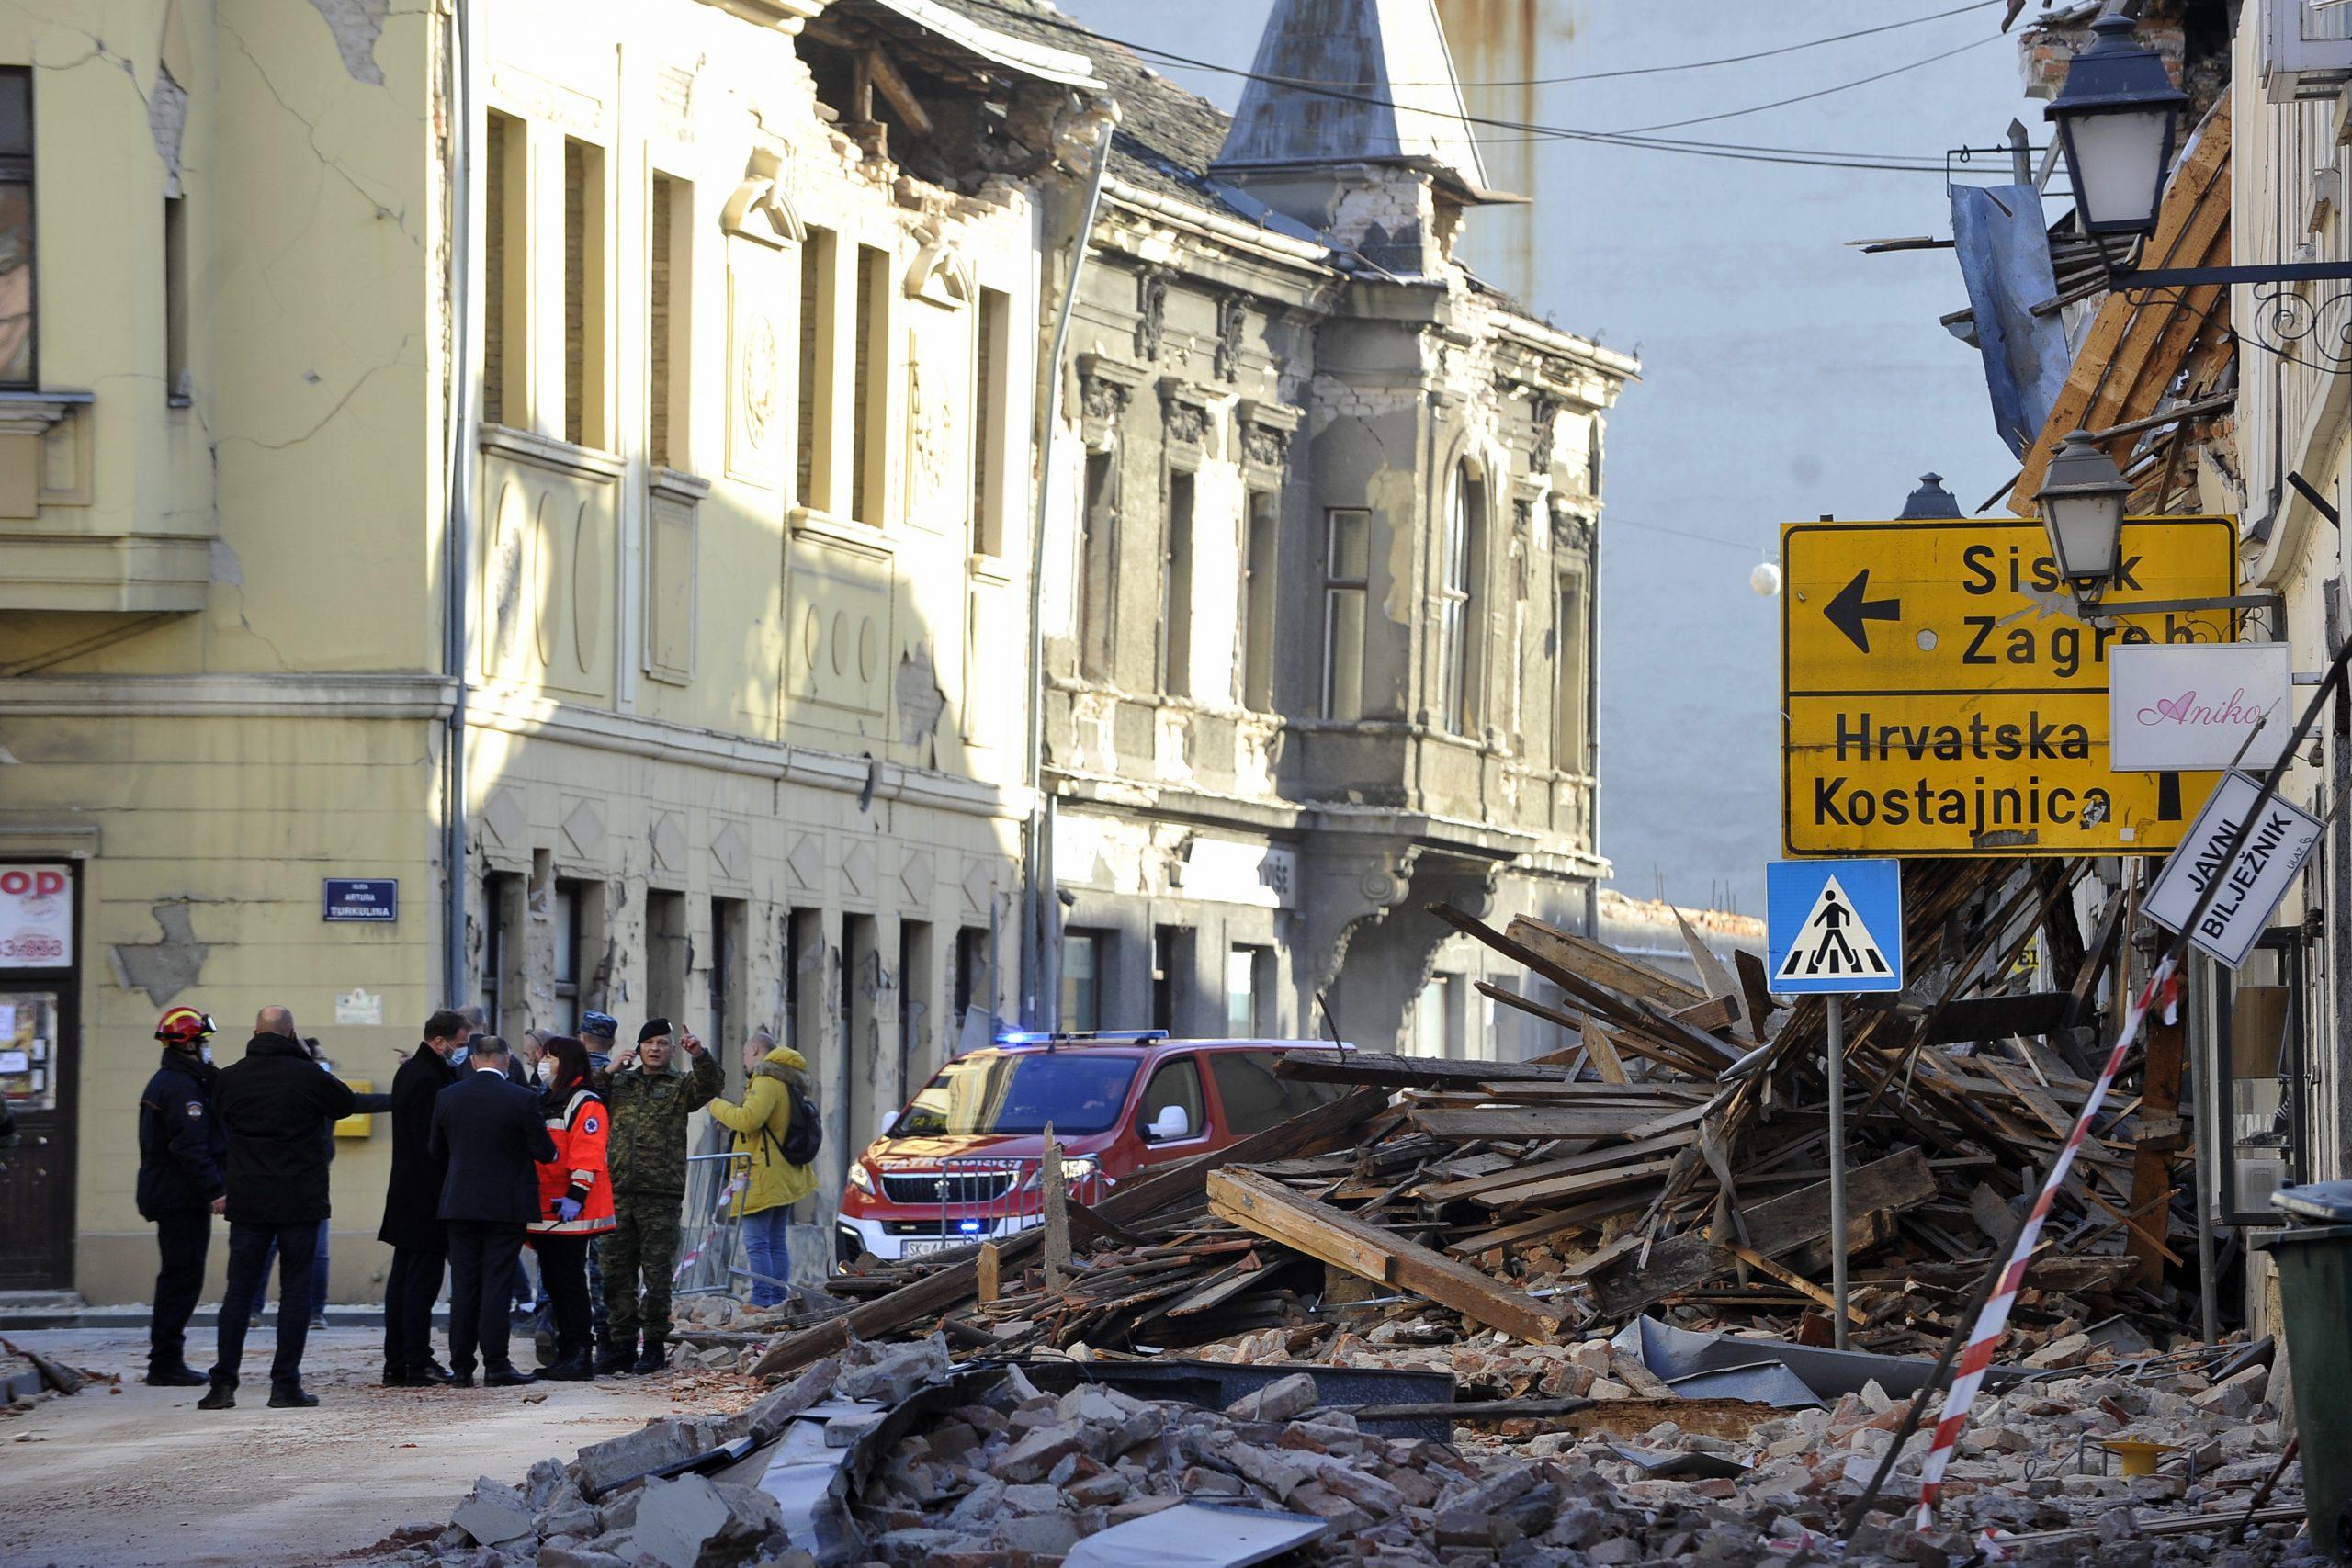 Hungary to Send Containers to Earthquake-Hit Croatia